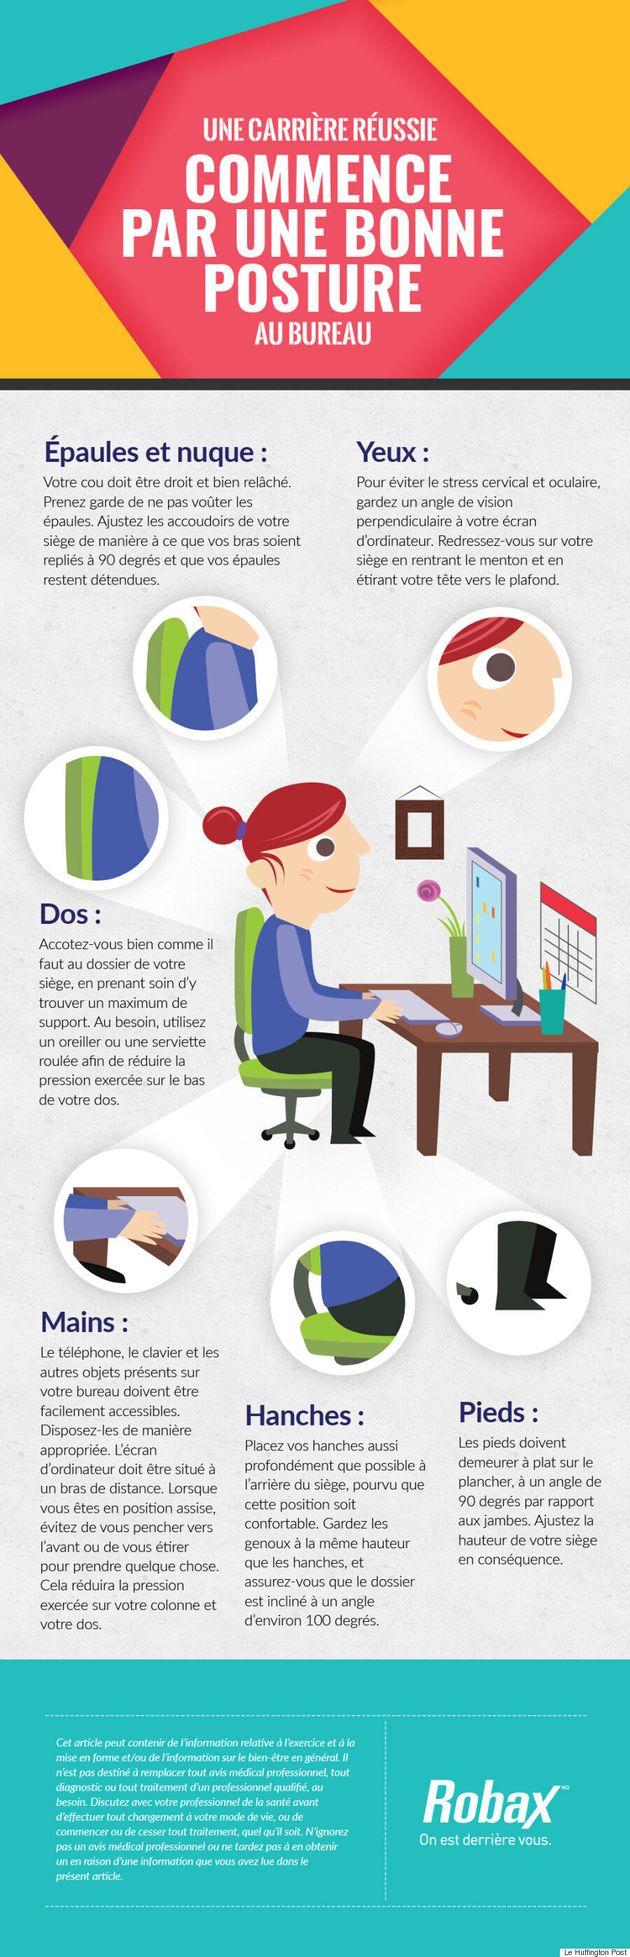 Une carrière réussie commence par une bonne posture au bureau